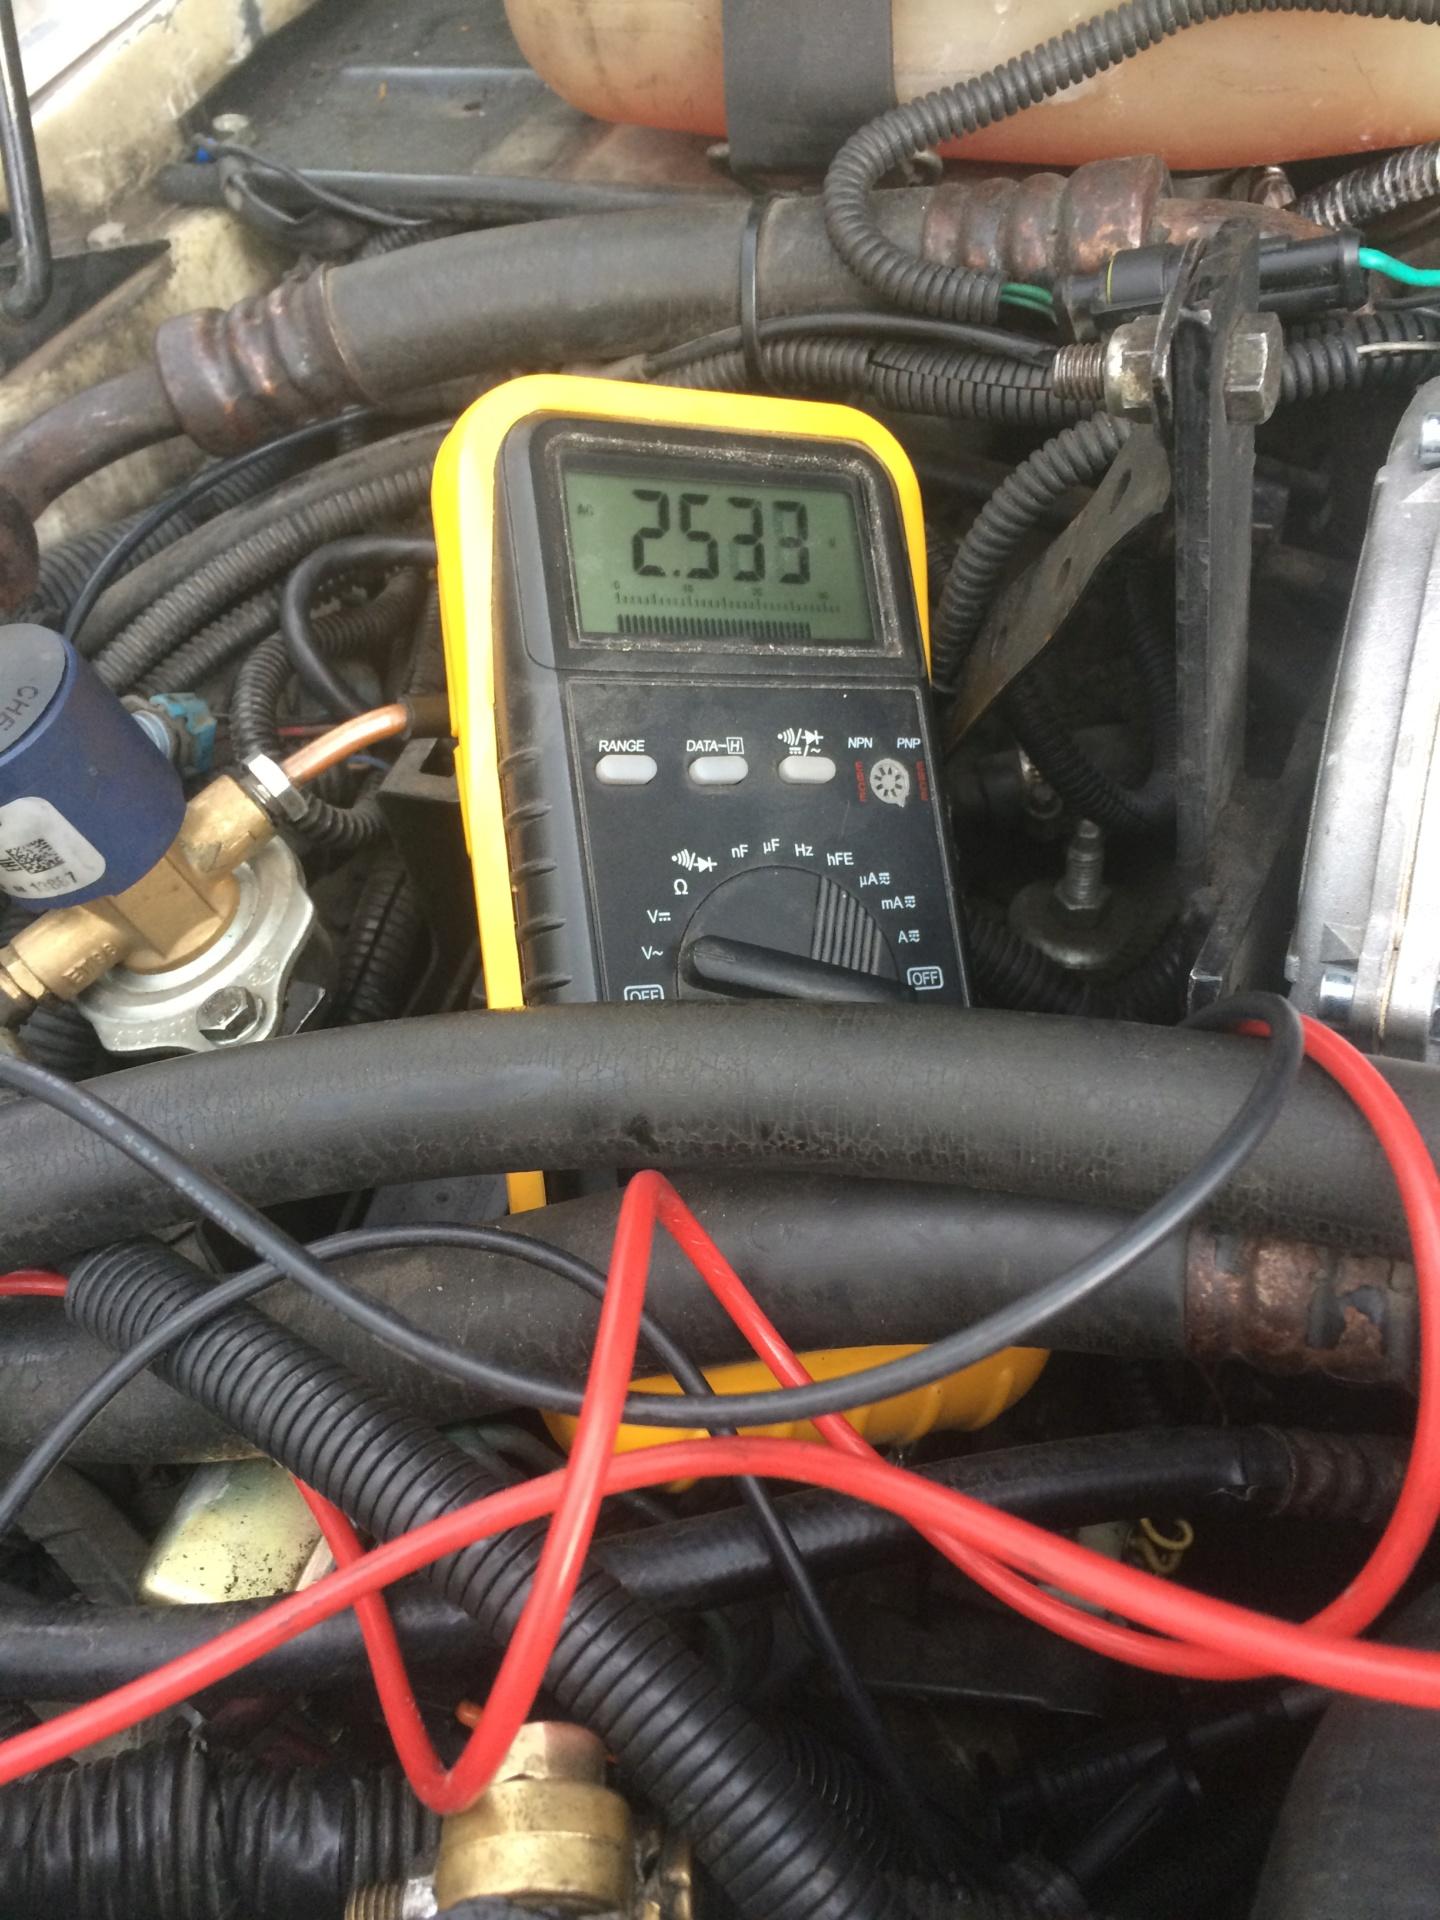 réfection totale moteur XJ mais problème (d'allumage ?) Img_3710